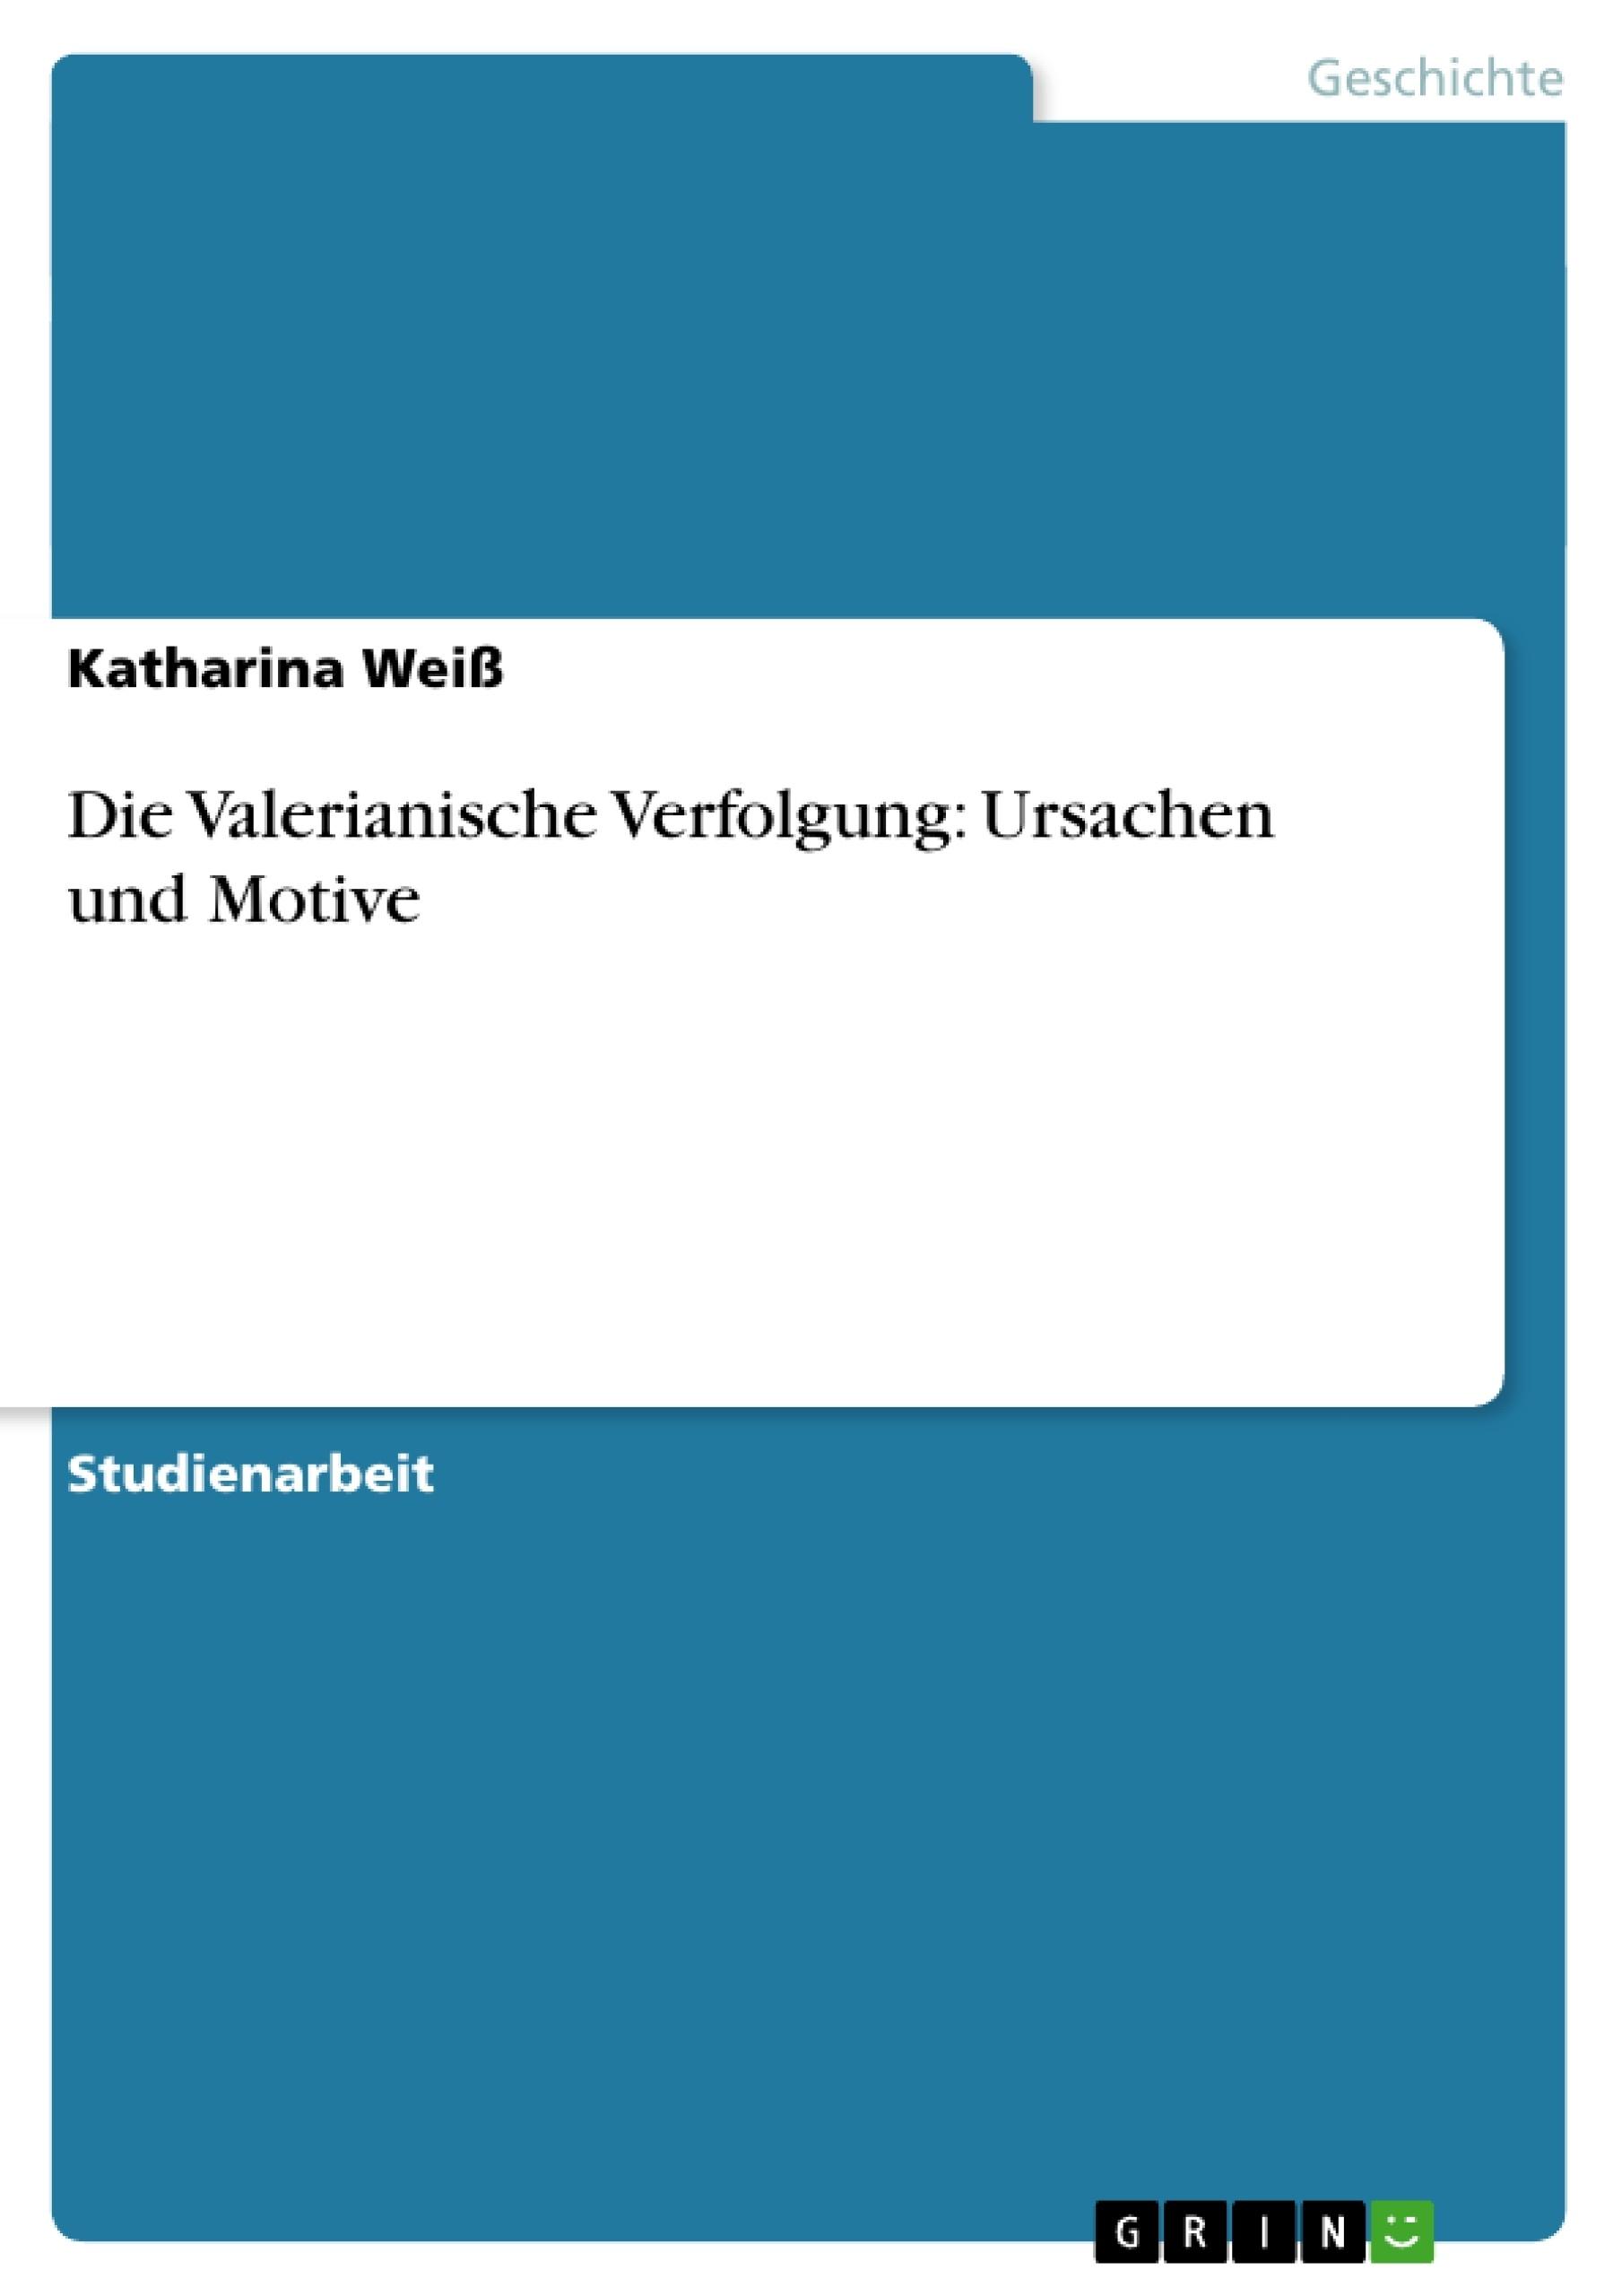 Titel: Die Valerianische Verfolgung: Ursachen und Motive